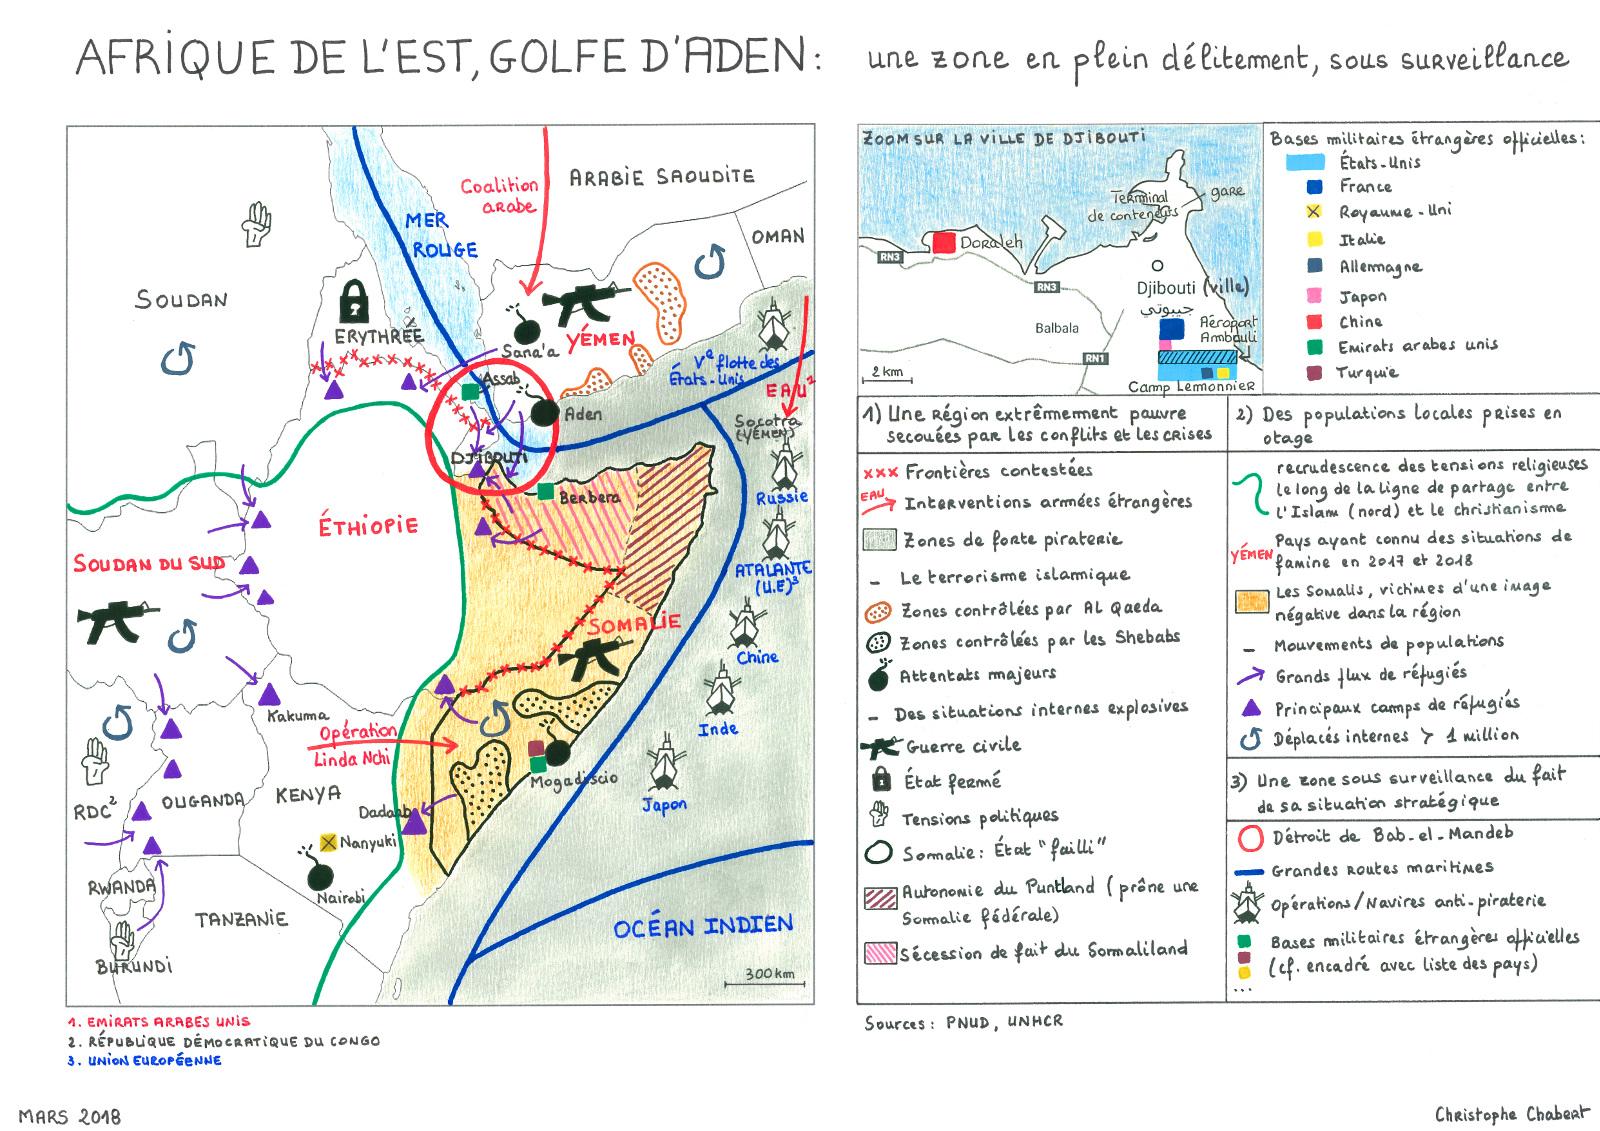 Afrique De Lest Et Golfe Daden Mind The Map Les Yeux Du Monde